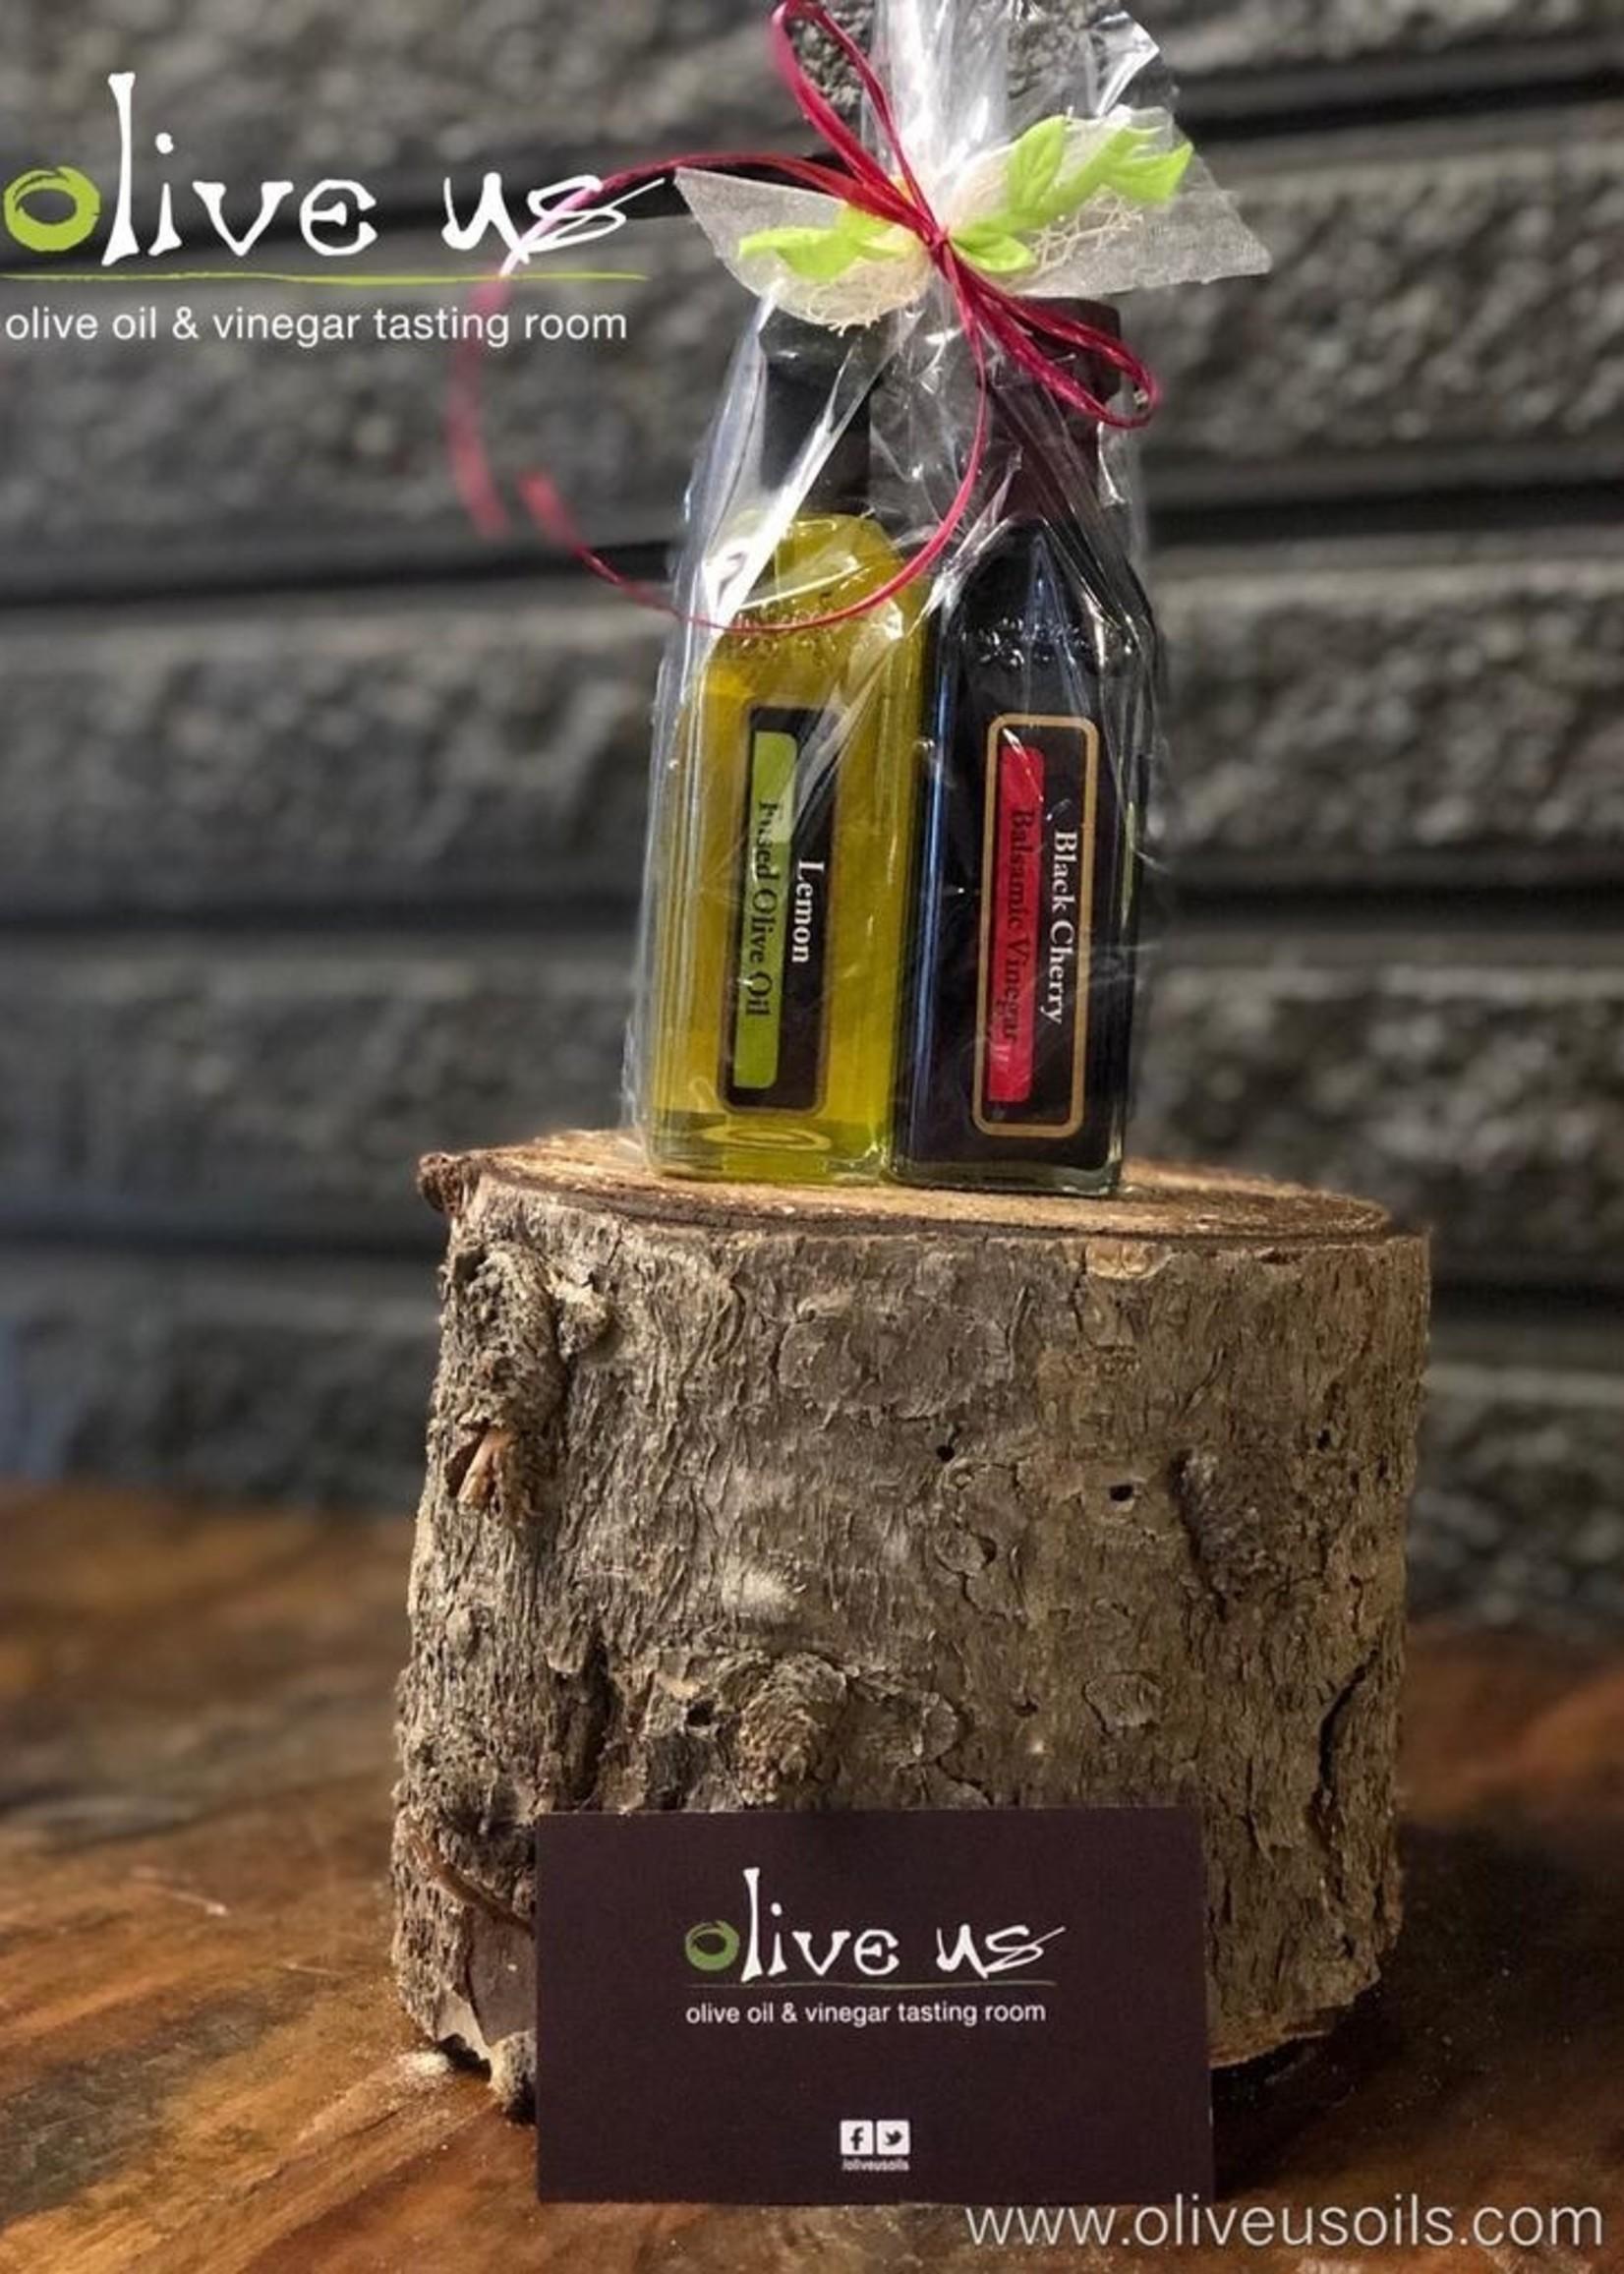 Olive Us 2Pack 60ml - Lemon & Black Cherry